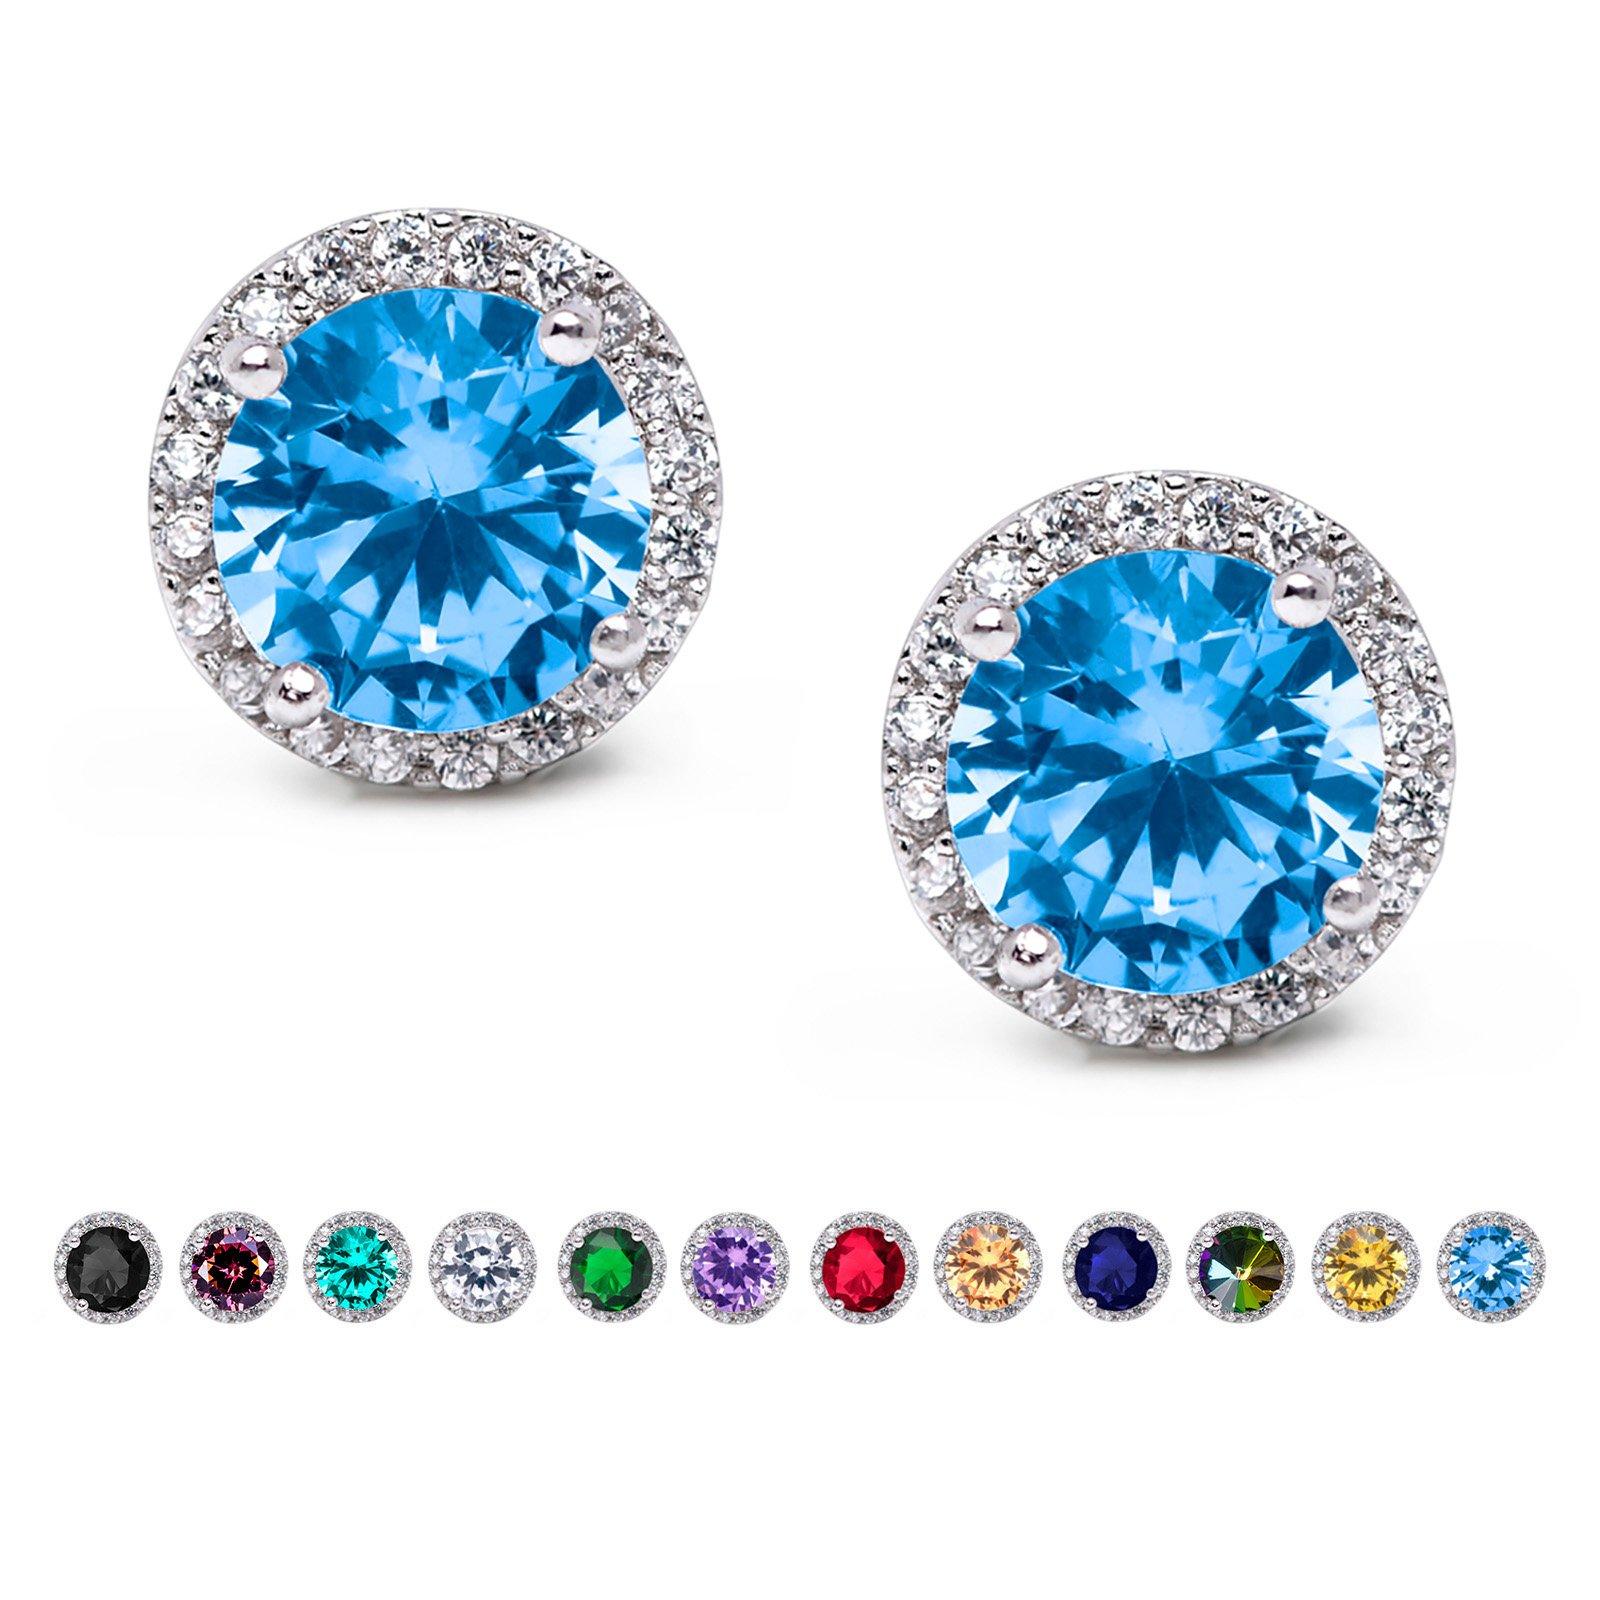 SWEETV Cubic Zirconia Stud Earrings, 10mm Round Cut, Rhinestone Hypoallergenic Earrings for Women & Girls, Lake Blue